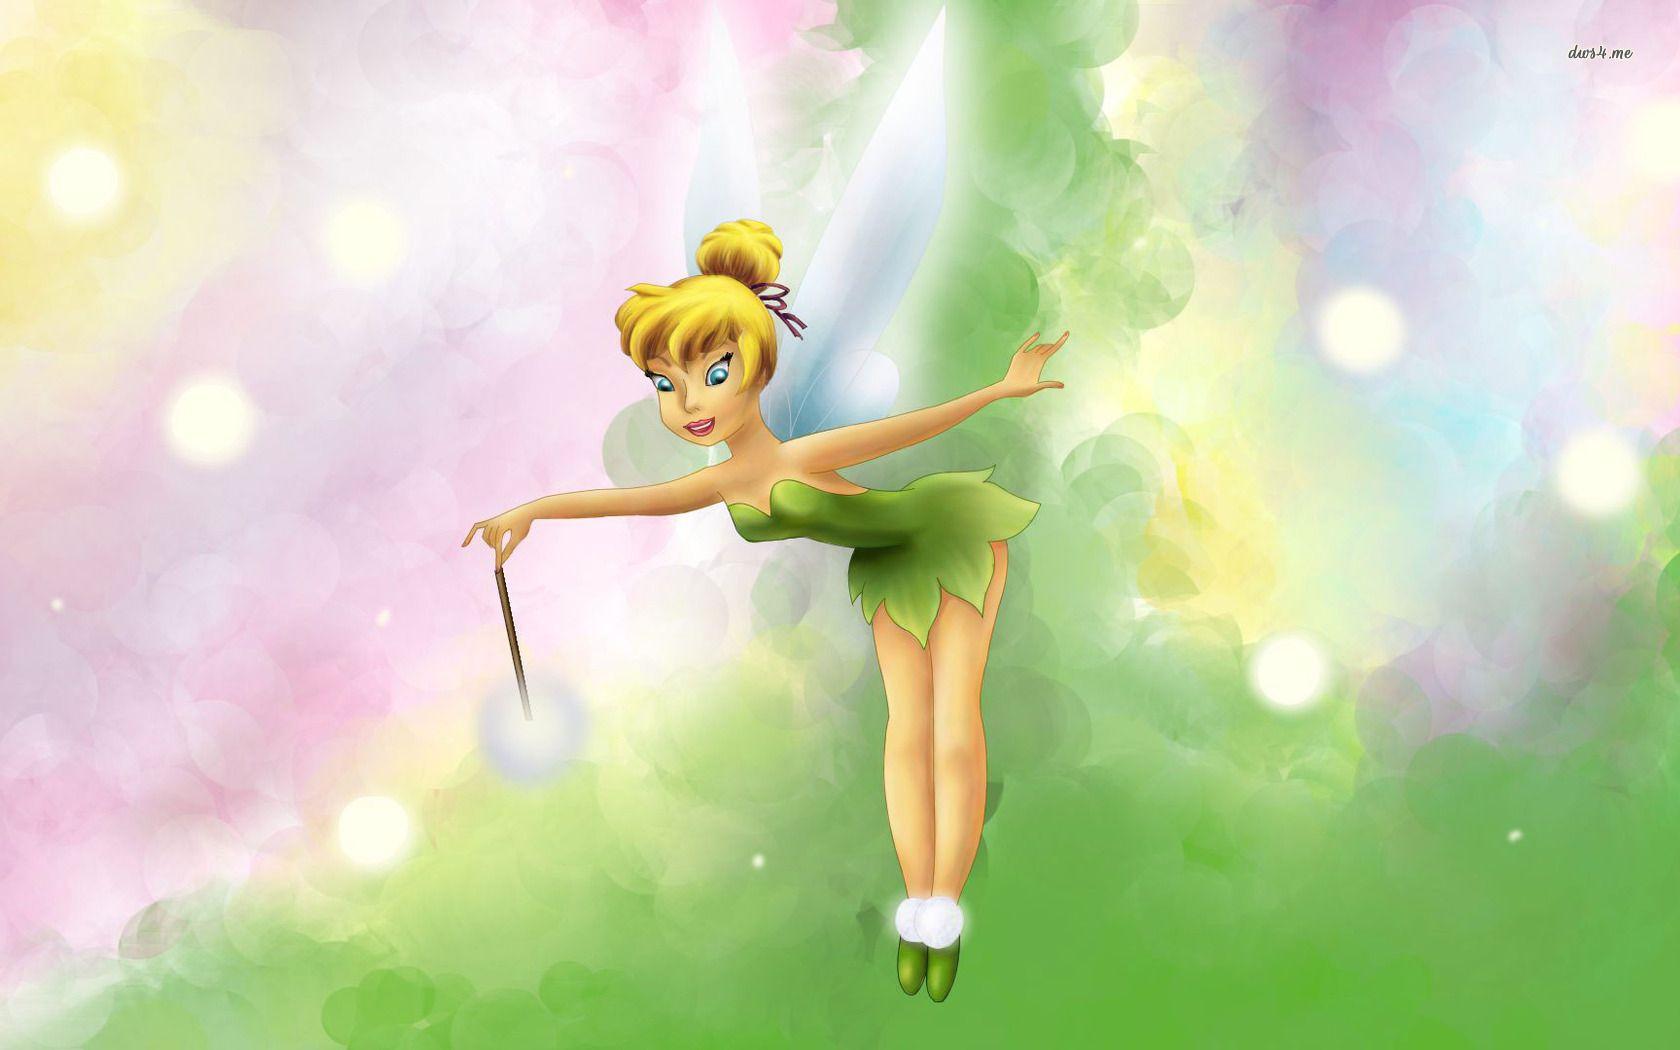 Tinkerbell Hd Wallpaper Tinkerbell Wallpaper Peter Pan And Tinkerbell Tinkerbell Disney